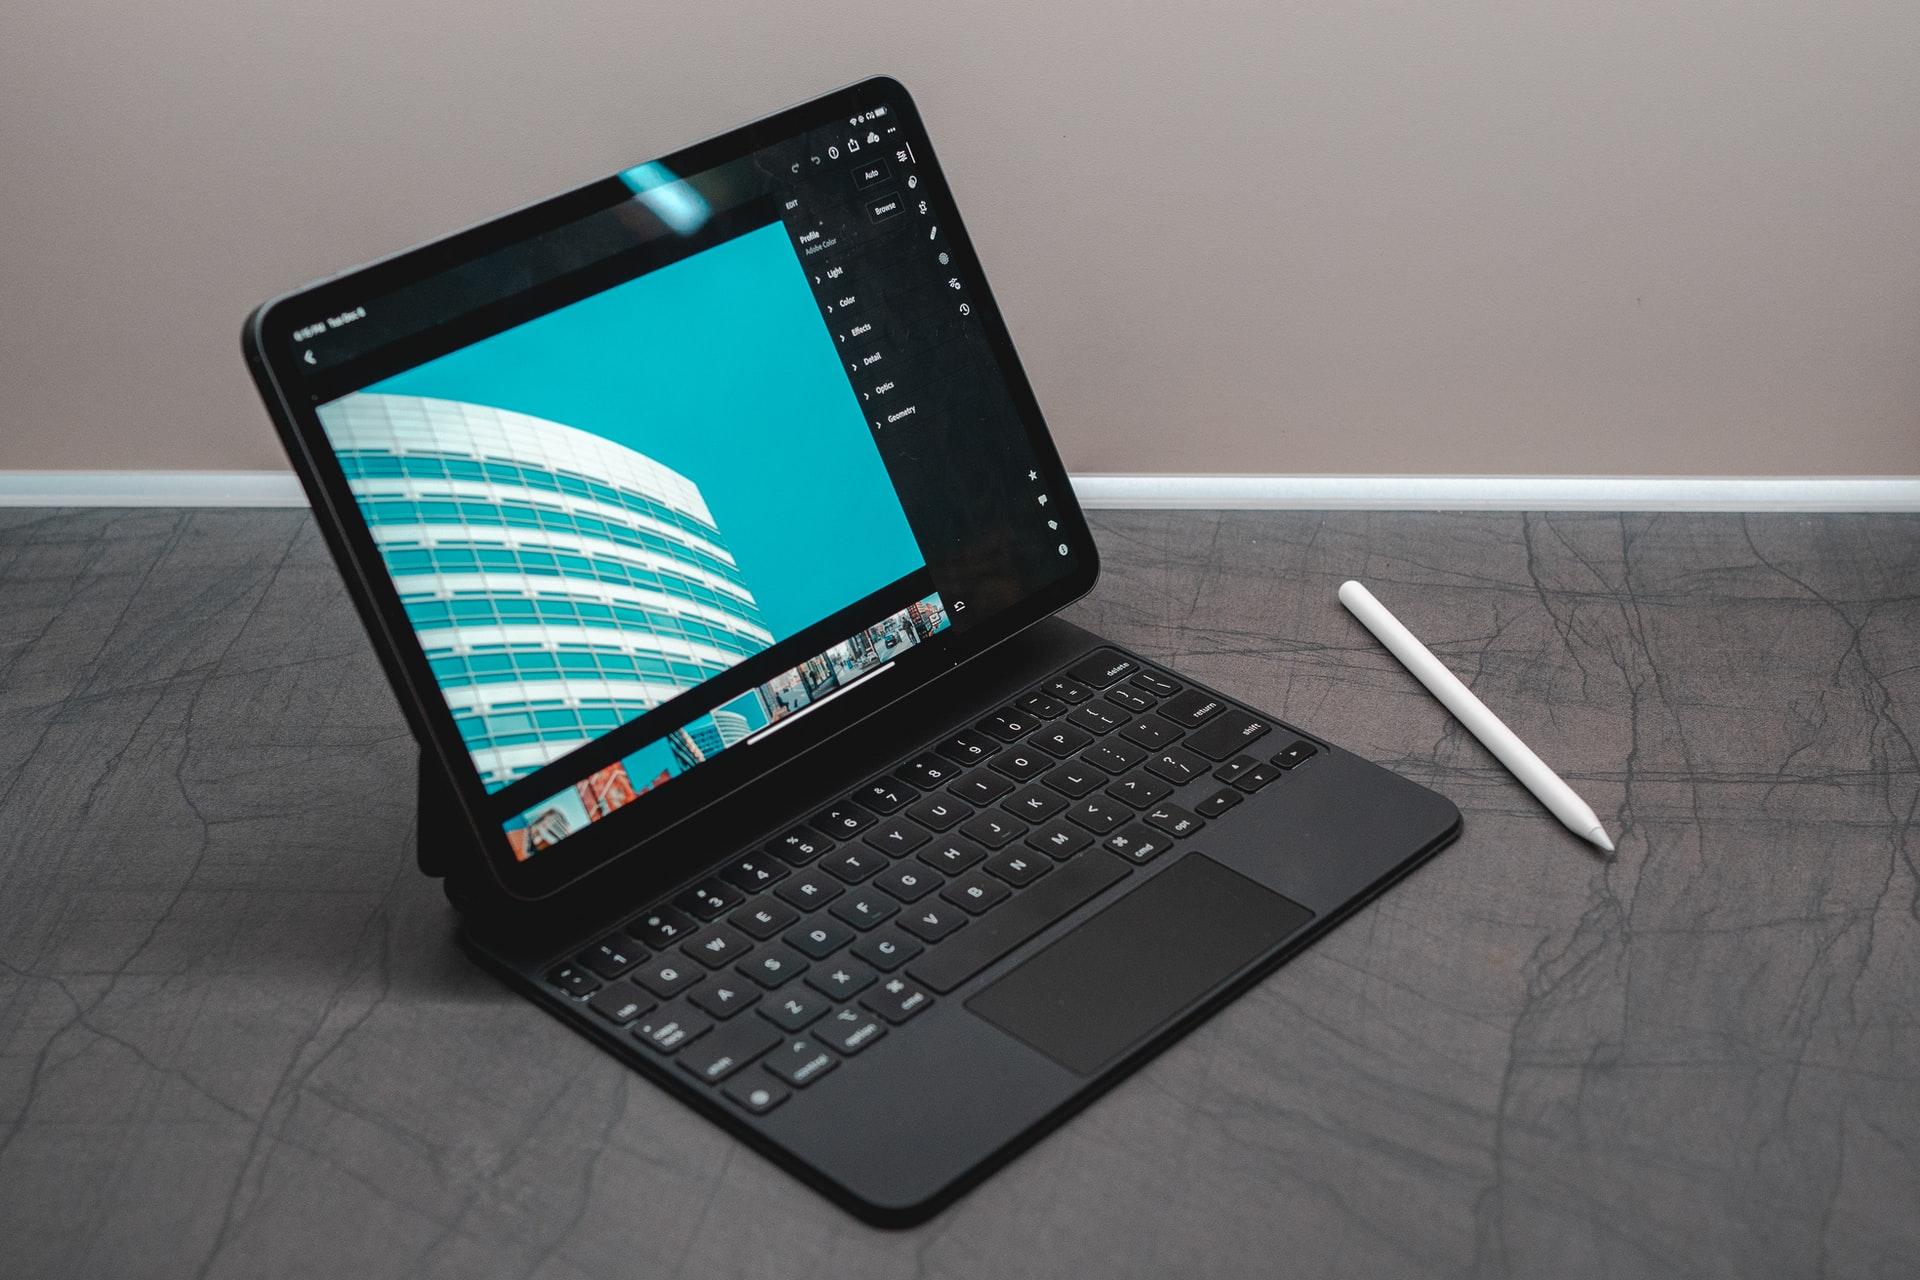 Tablet negra co teclado